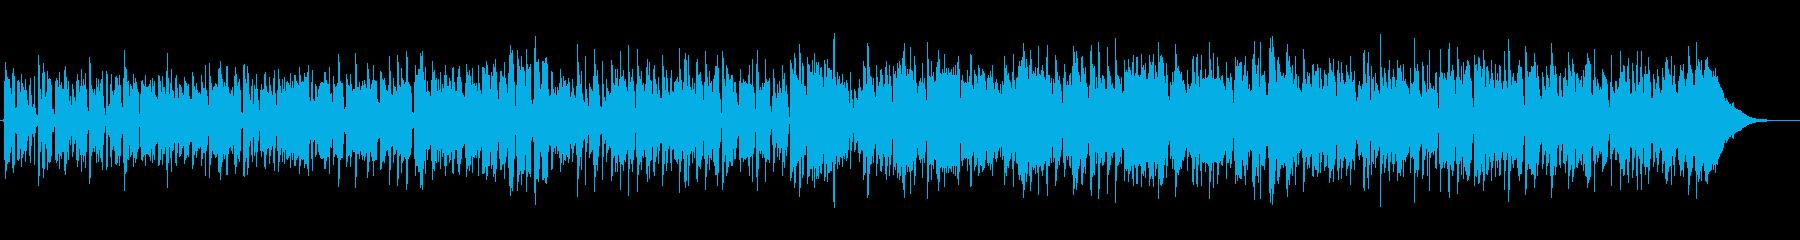 のんびりアコースティックカントリーBGMの再生済みの波形